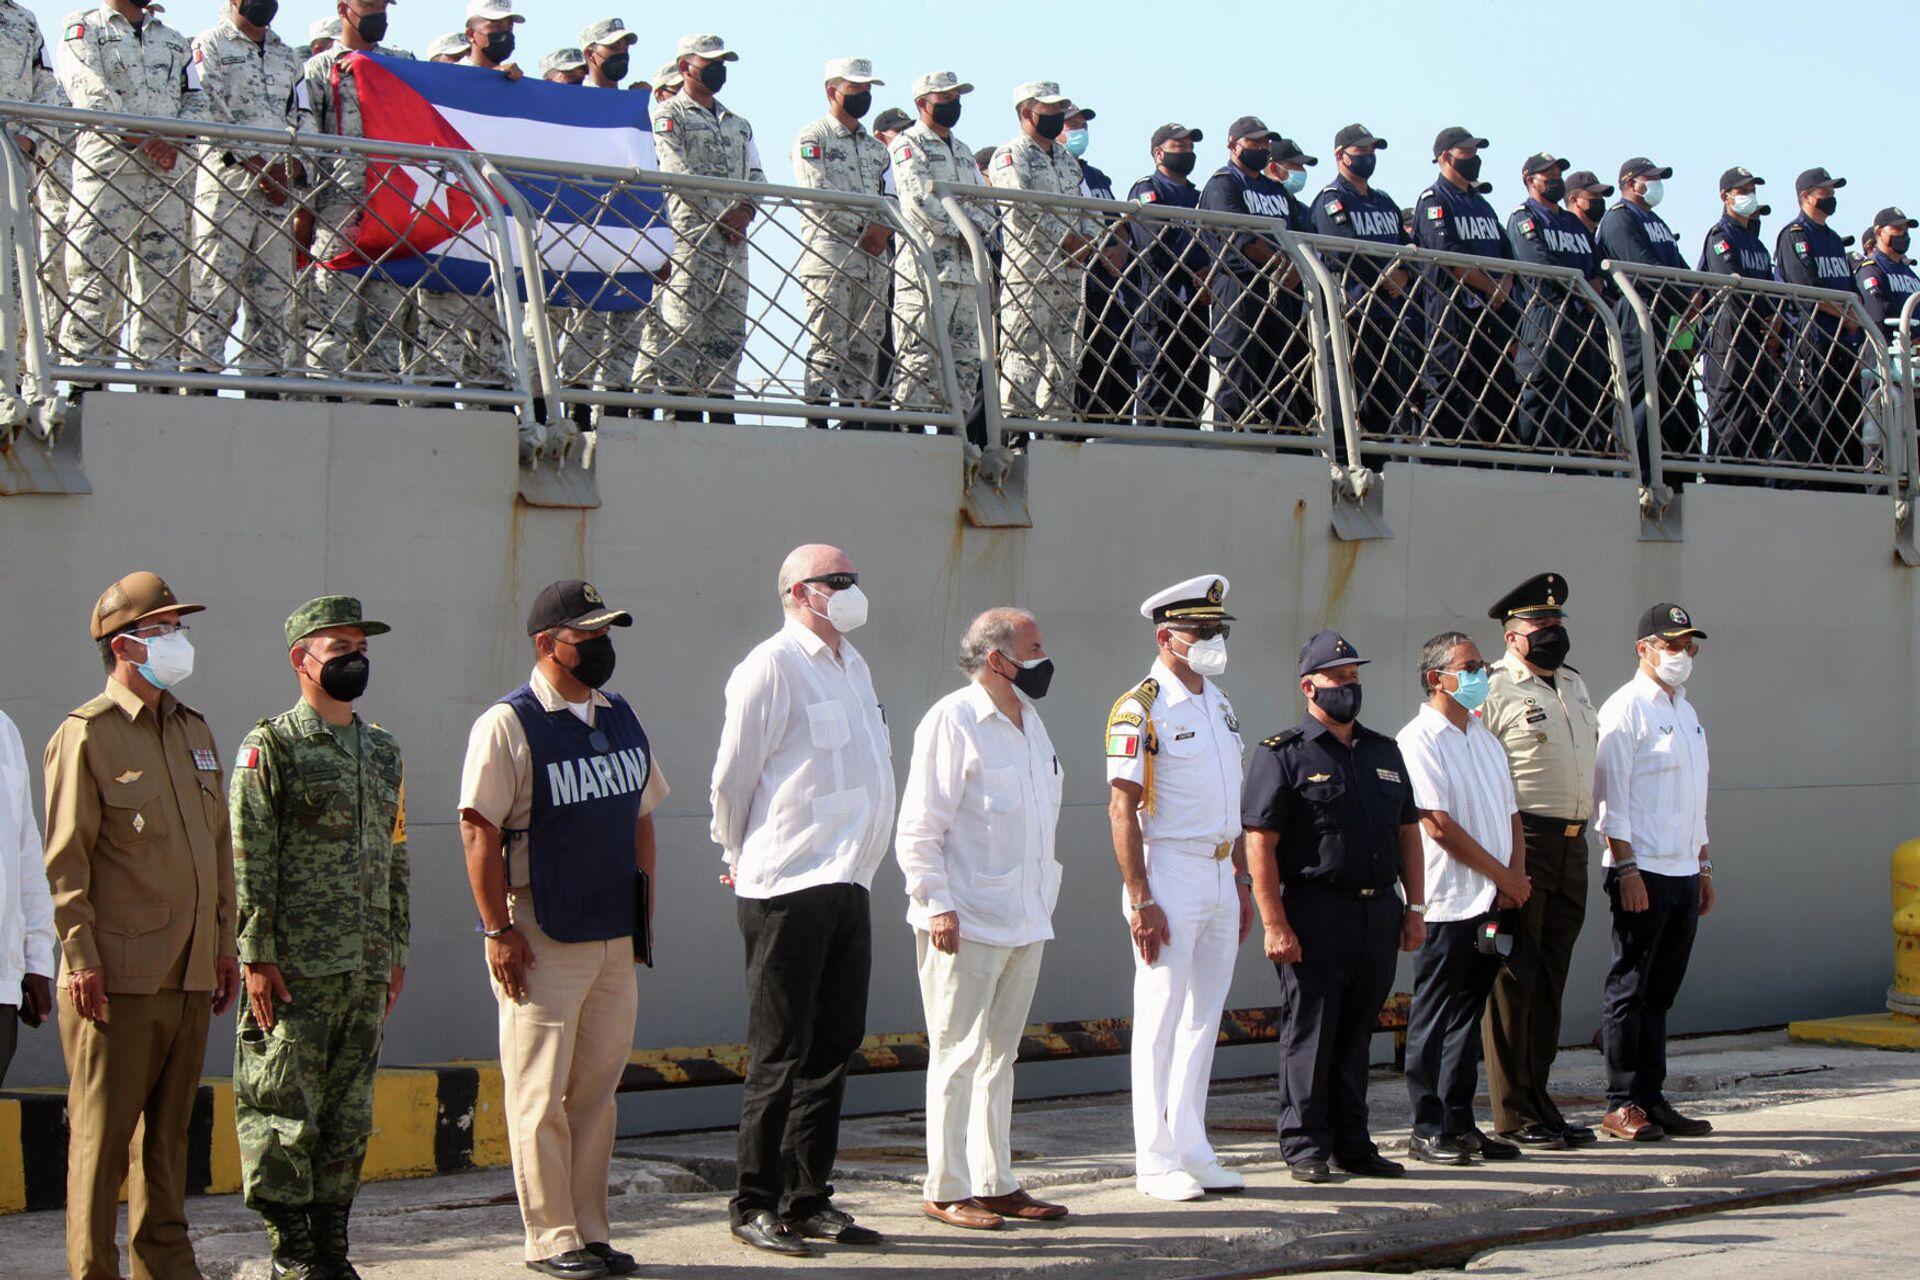 Recibimiento en La Habana del buque Libertador, con ayuda humanitaria para Cuba - Sputnik Mundo, 1920, 31.07.2021